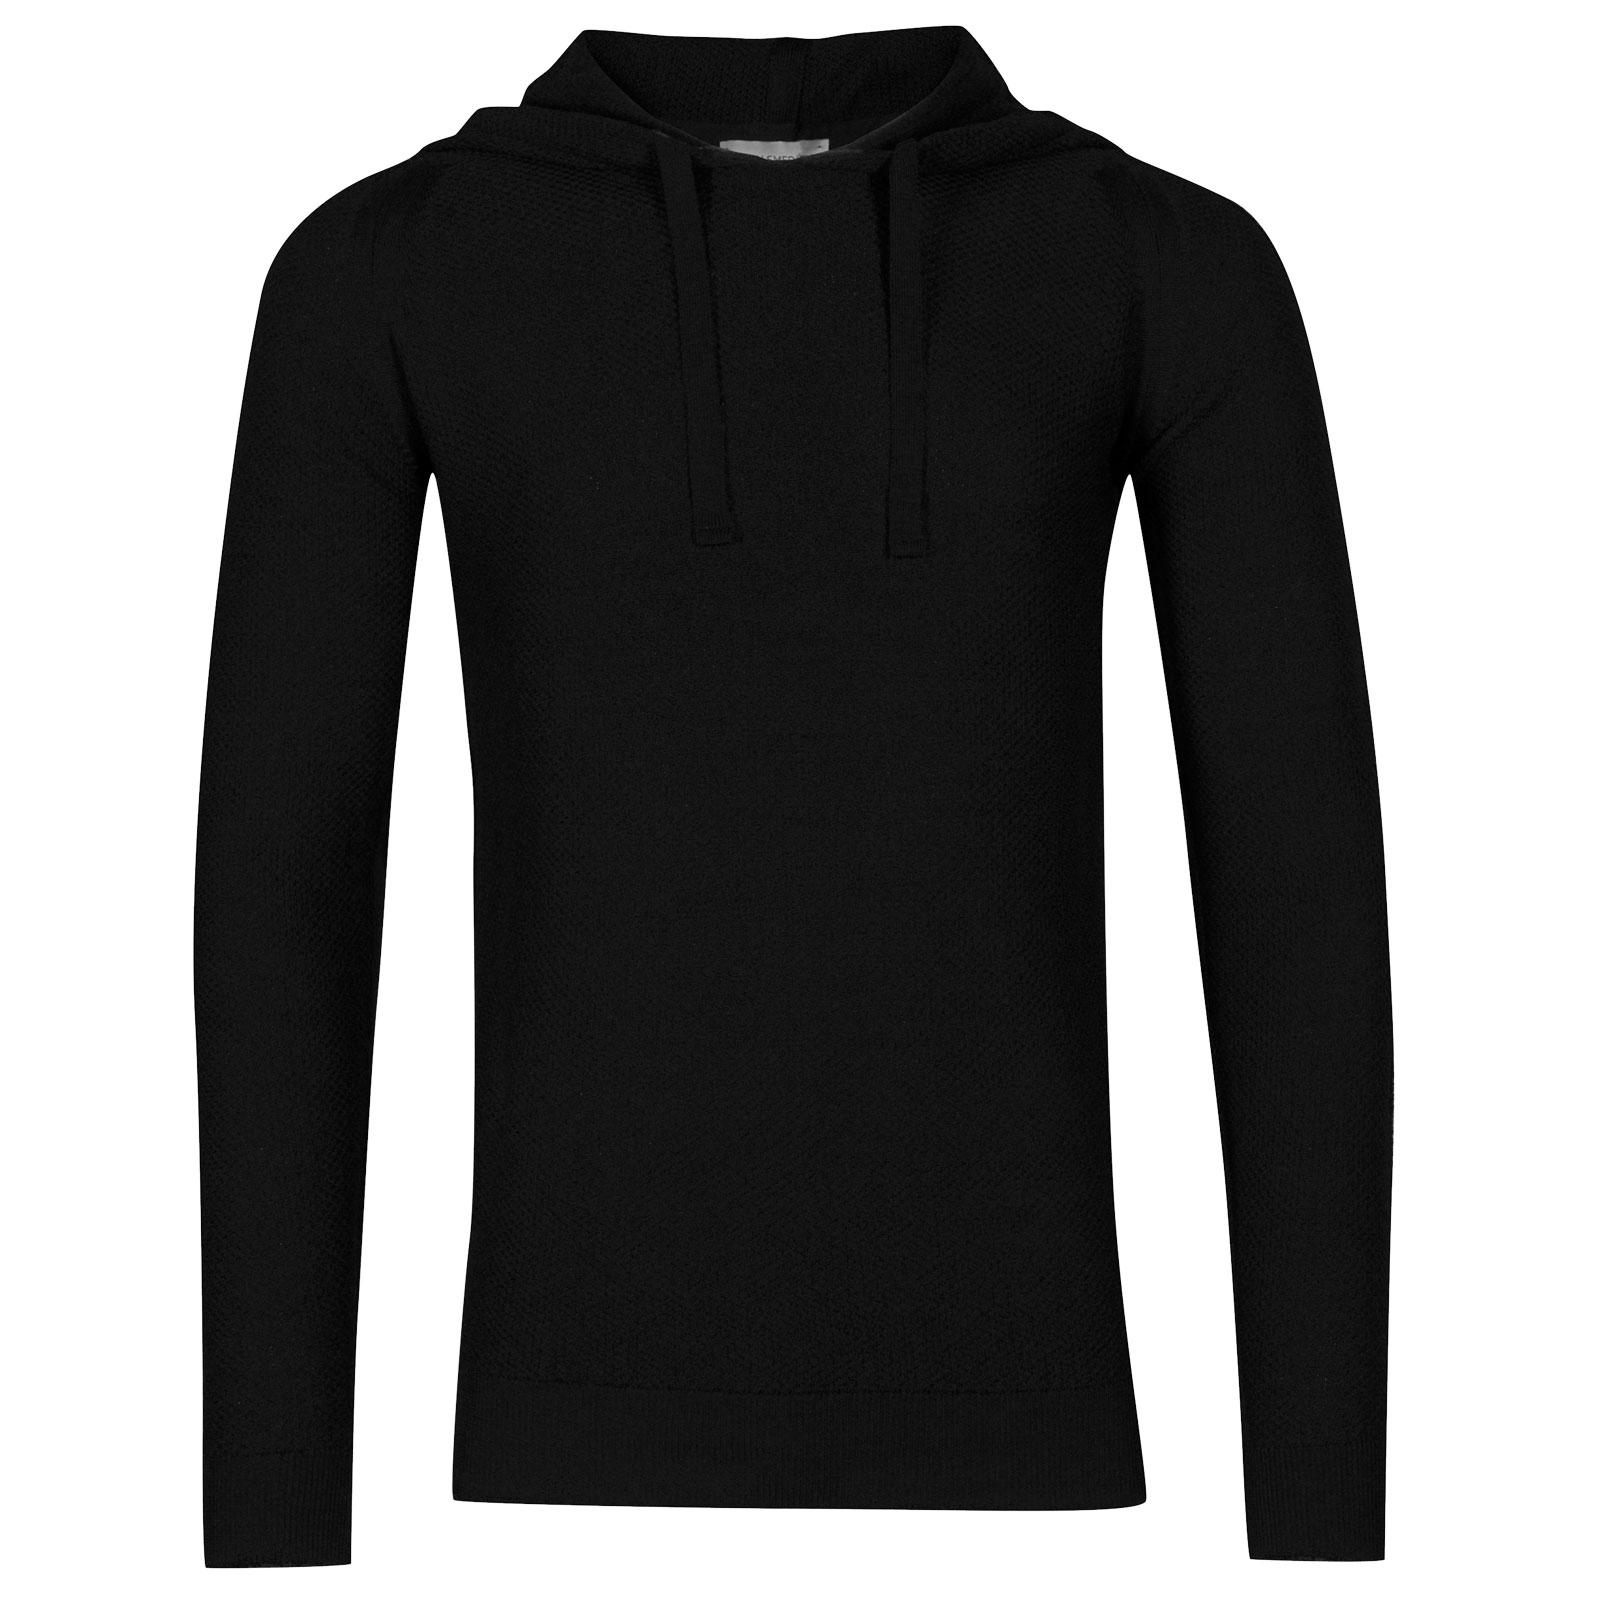 John Smedley 4Singular Merino Wool Pullover in Black-XL